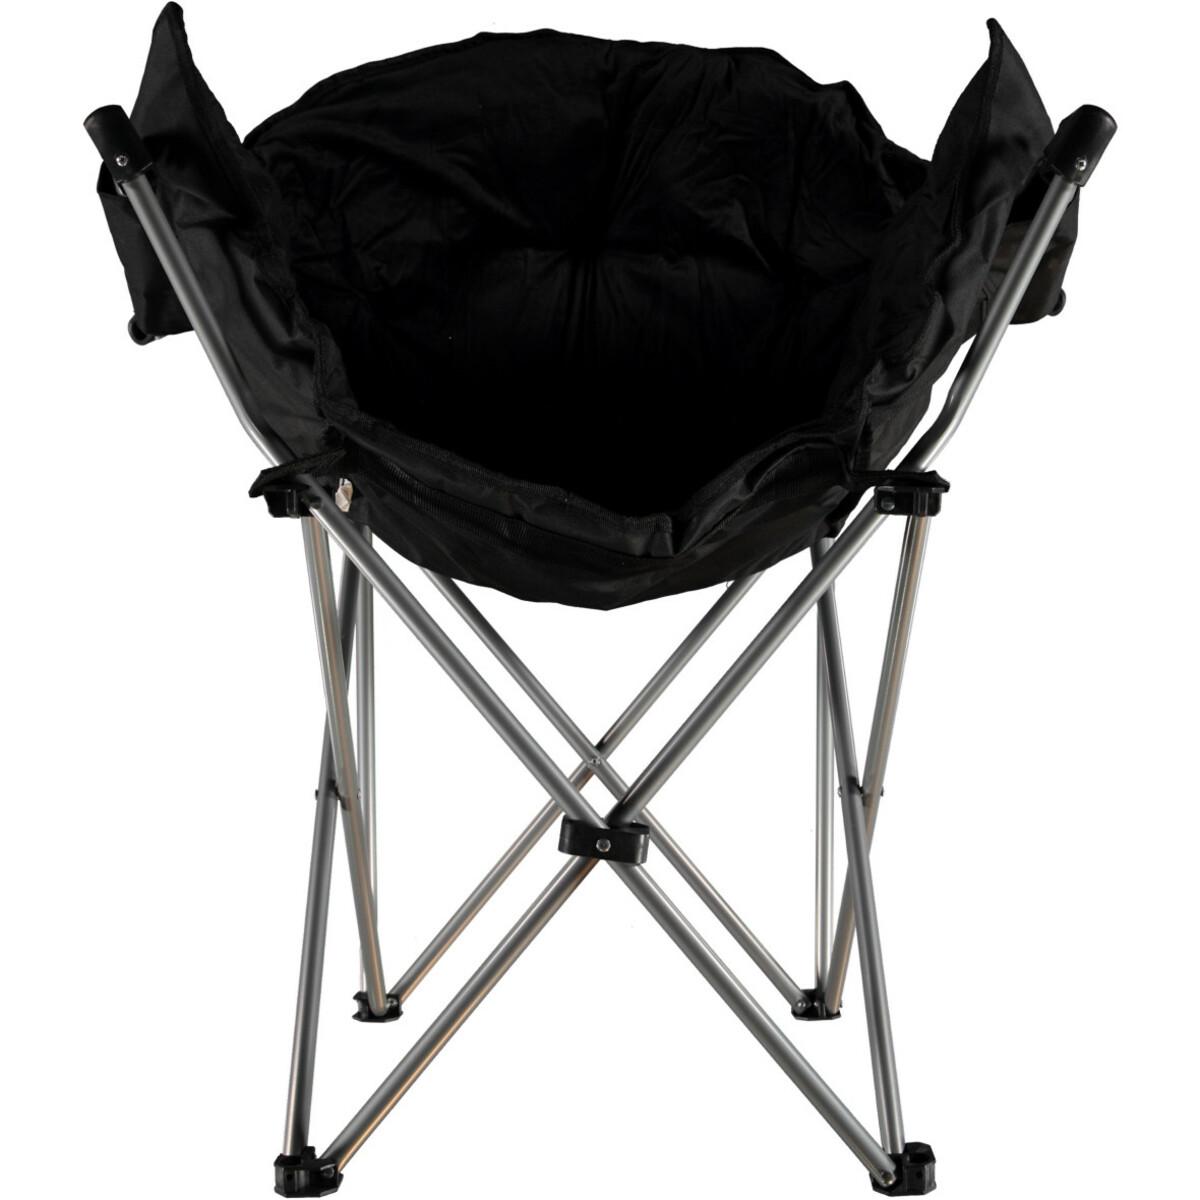 Bild 1 von Klappbarer Sessel 77x55x80cm